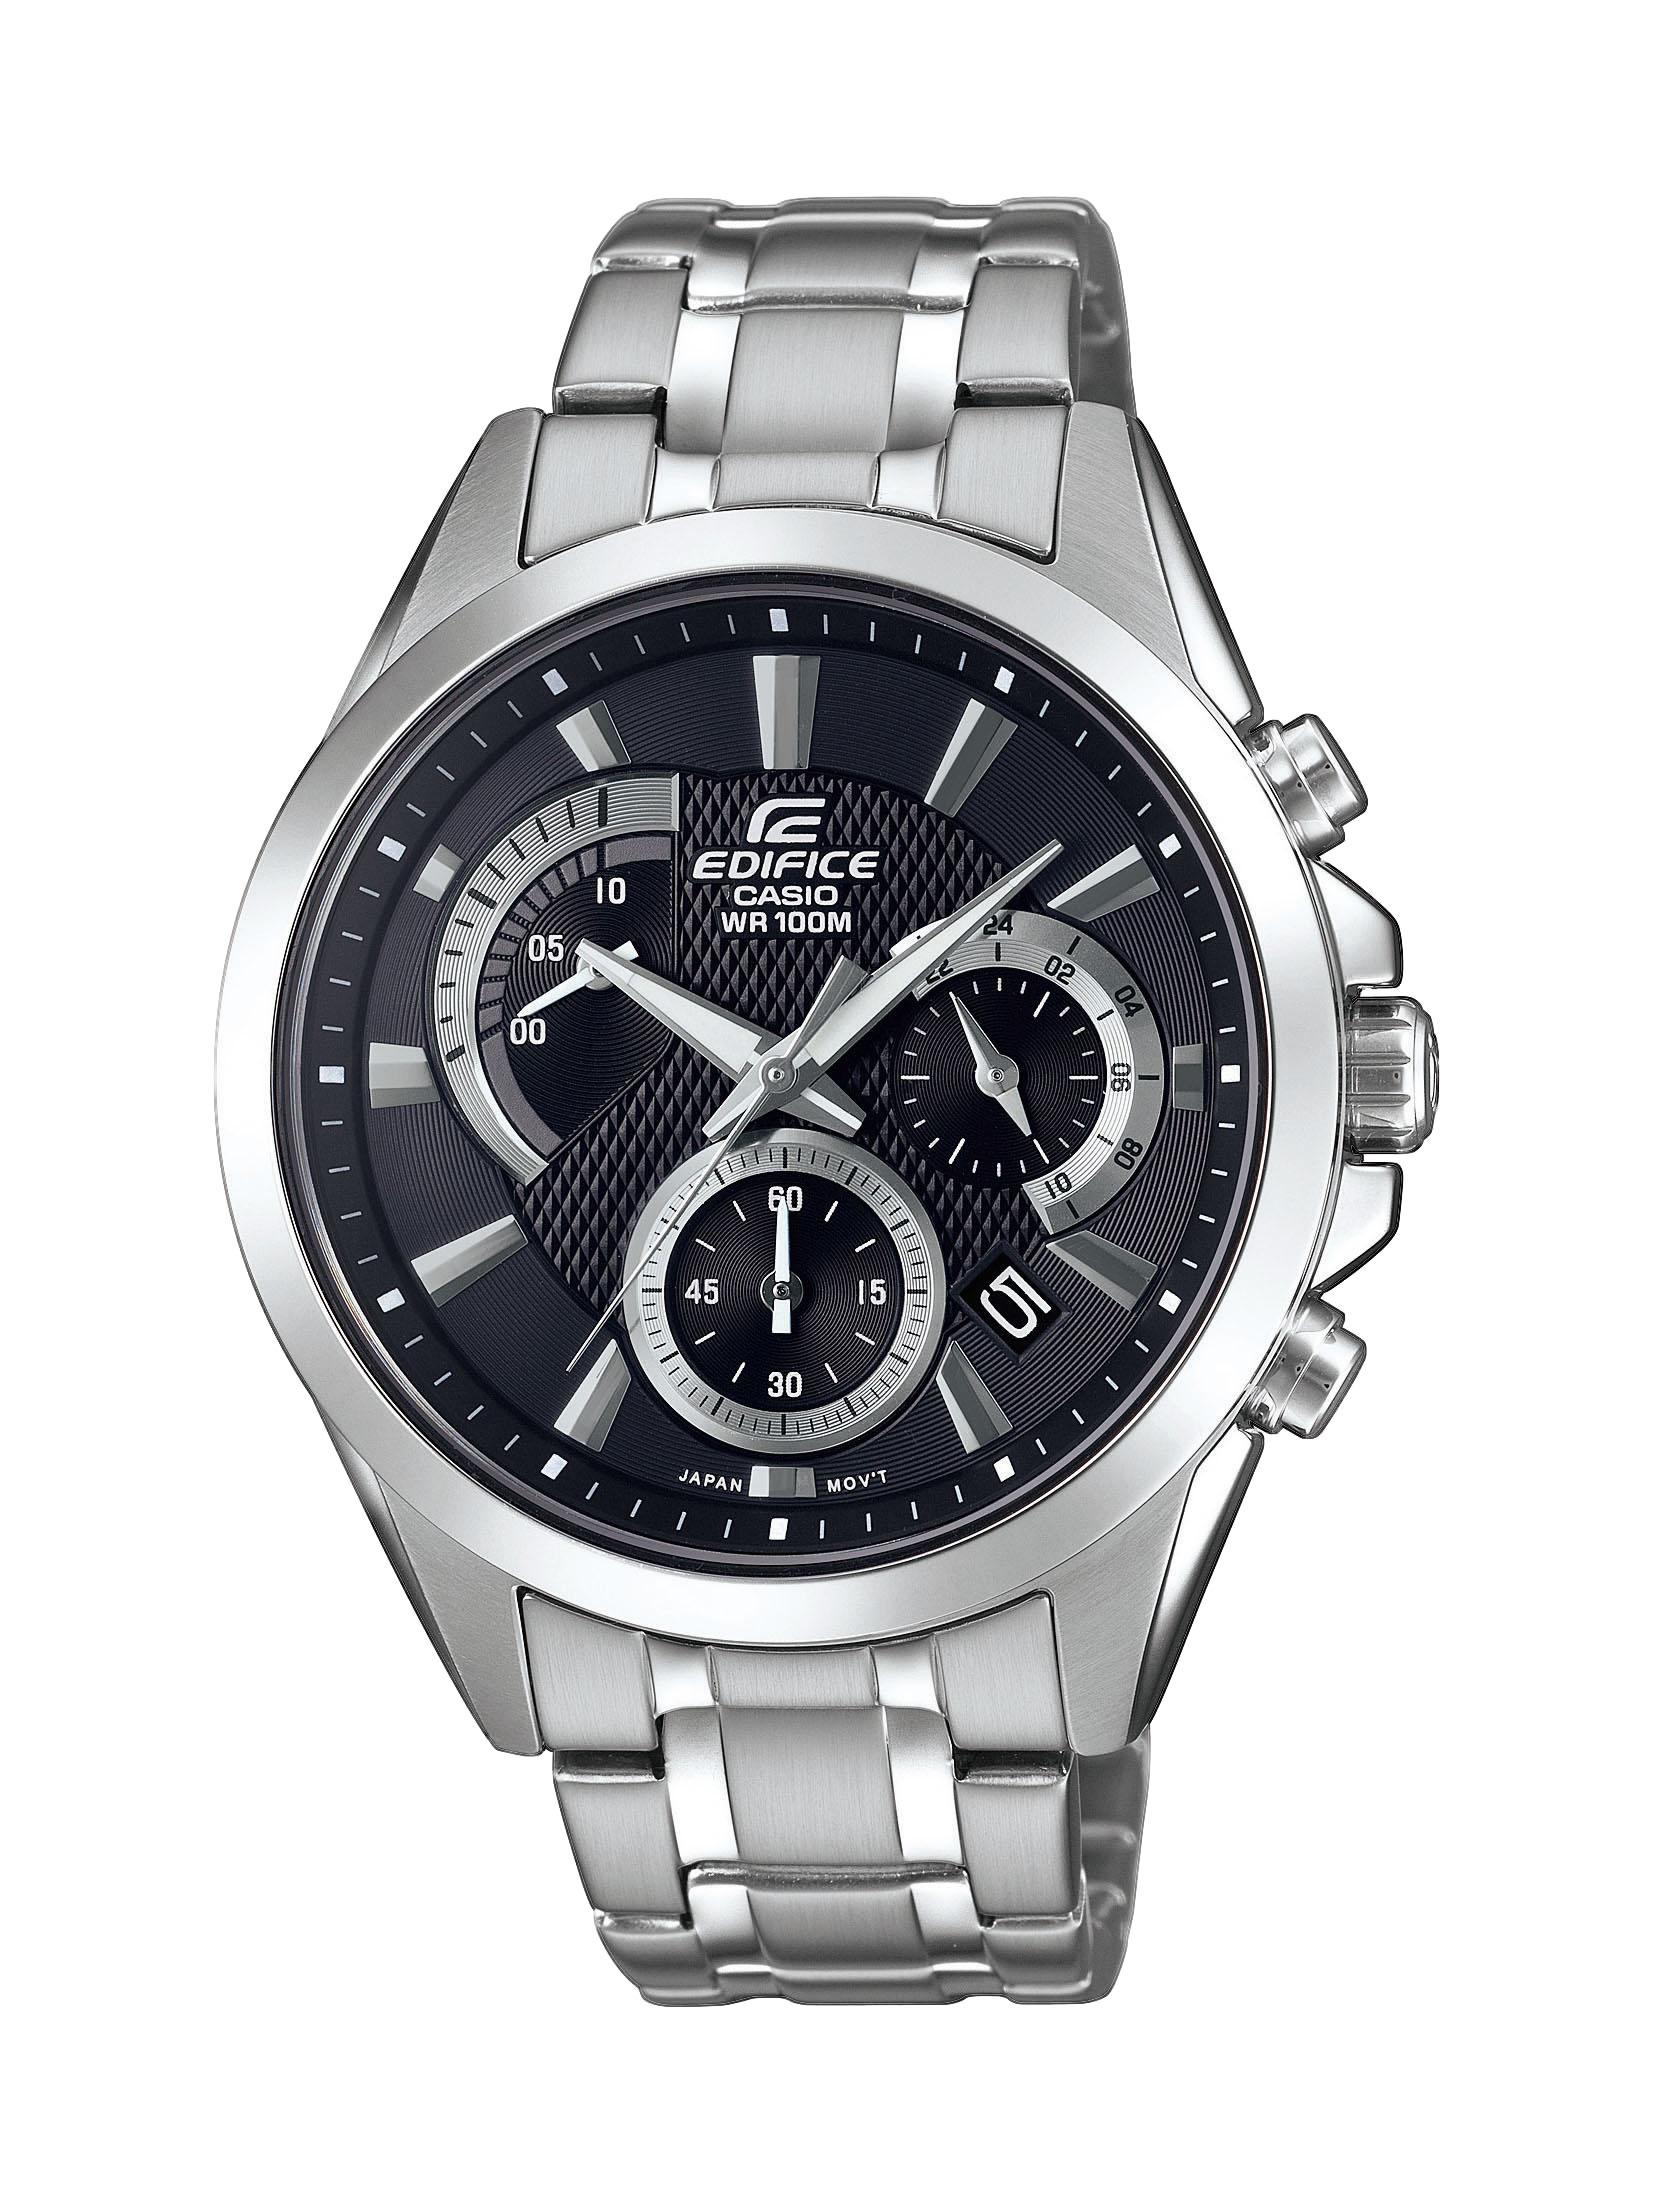 Ρολόι Casio Edifice Clasic EFV-580D-1AVUEF